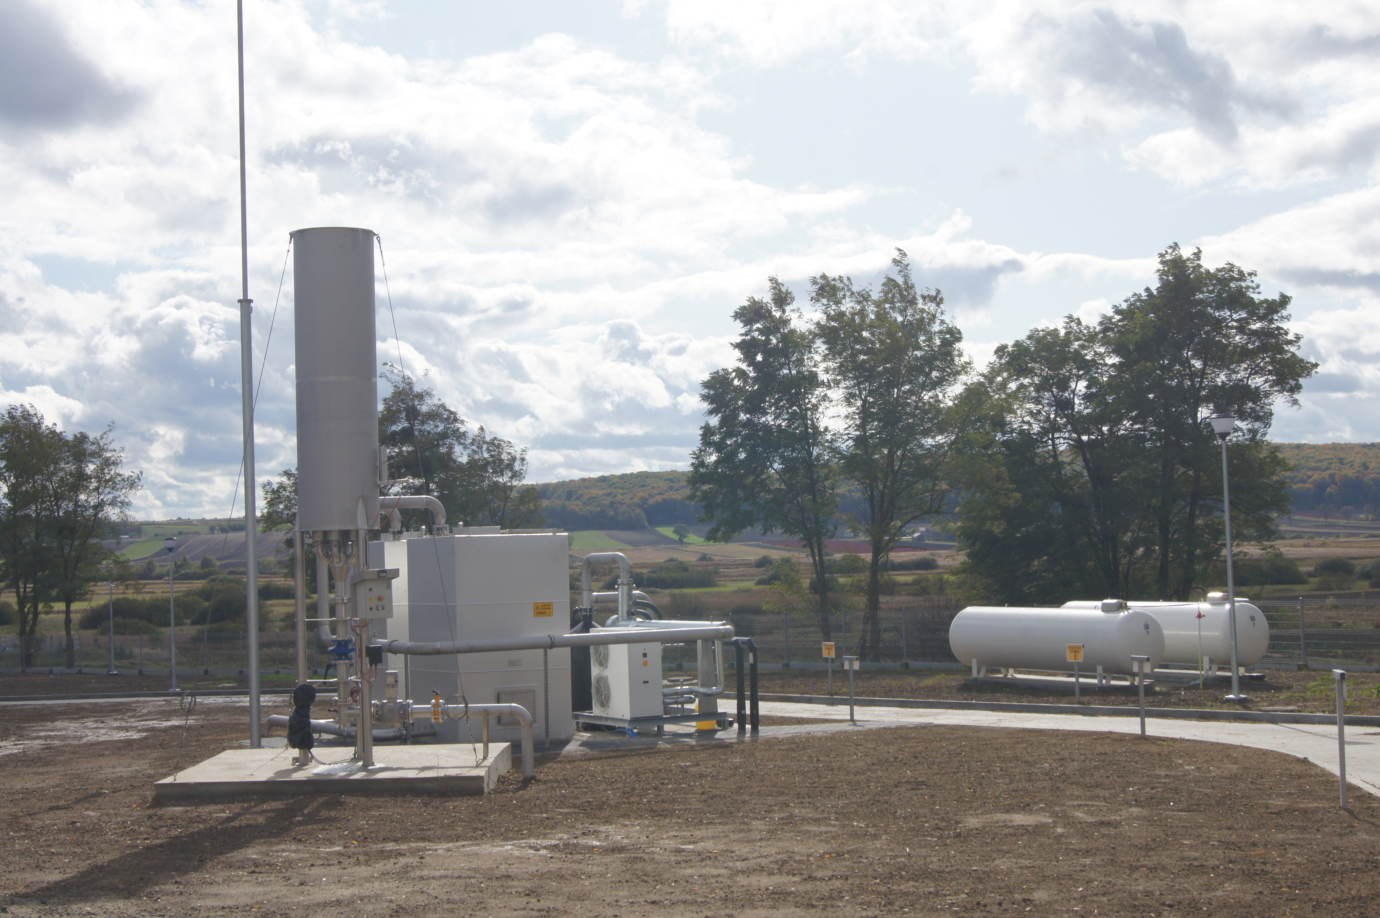 dsc08759 1 W Gm. Rachanie powstała nowoczesna biogazownia oraz suszarnia owoców i warzyw